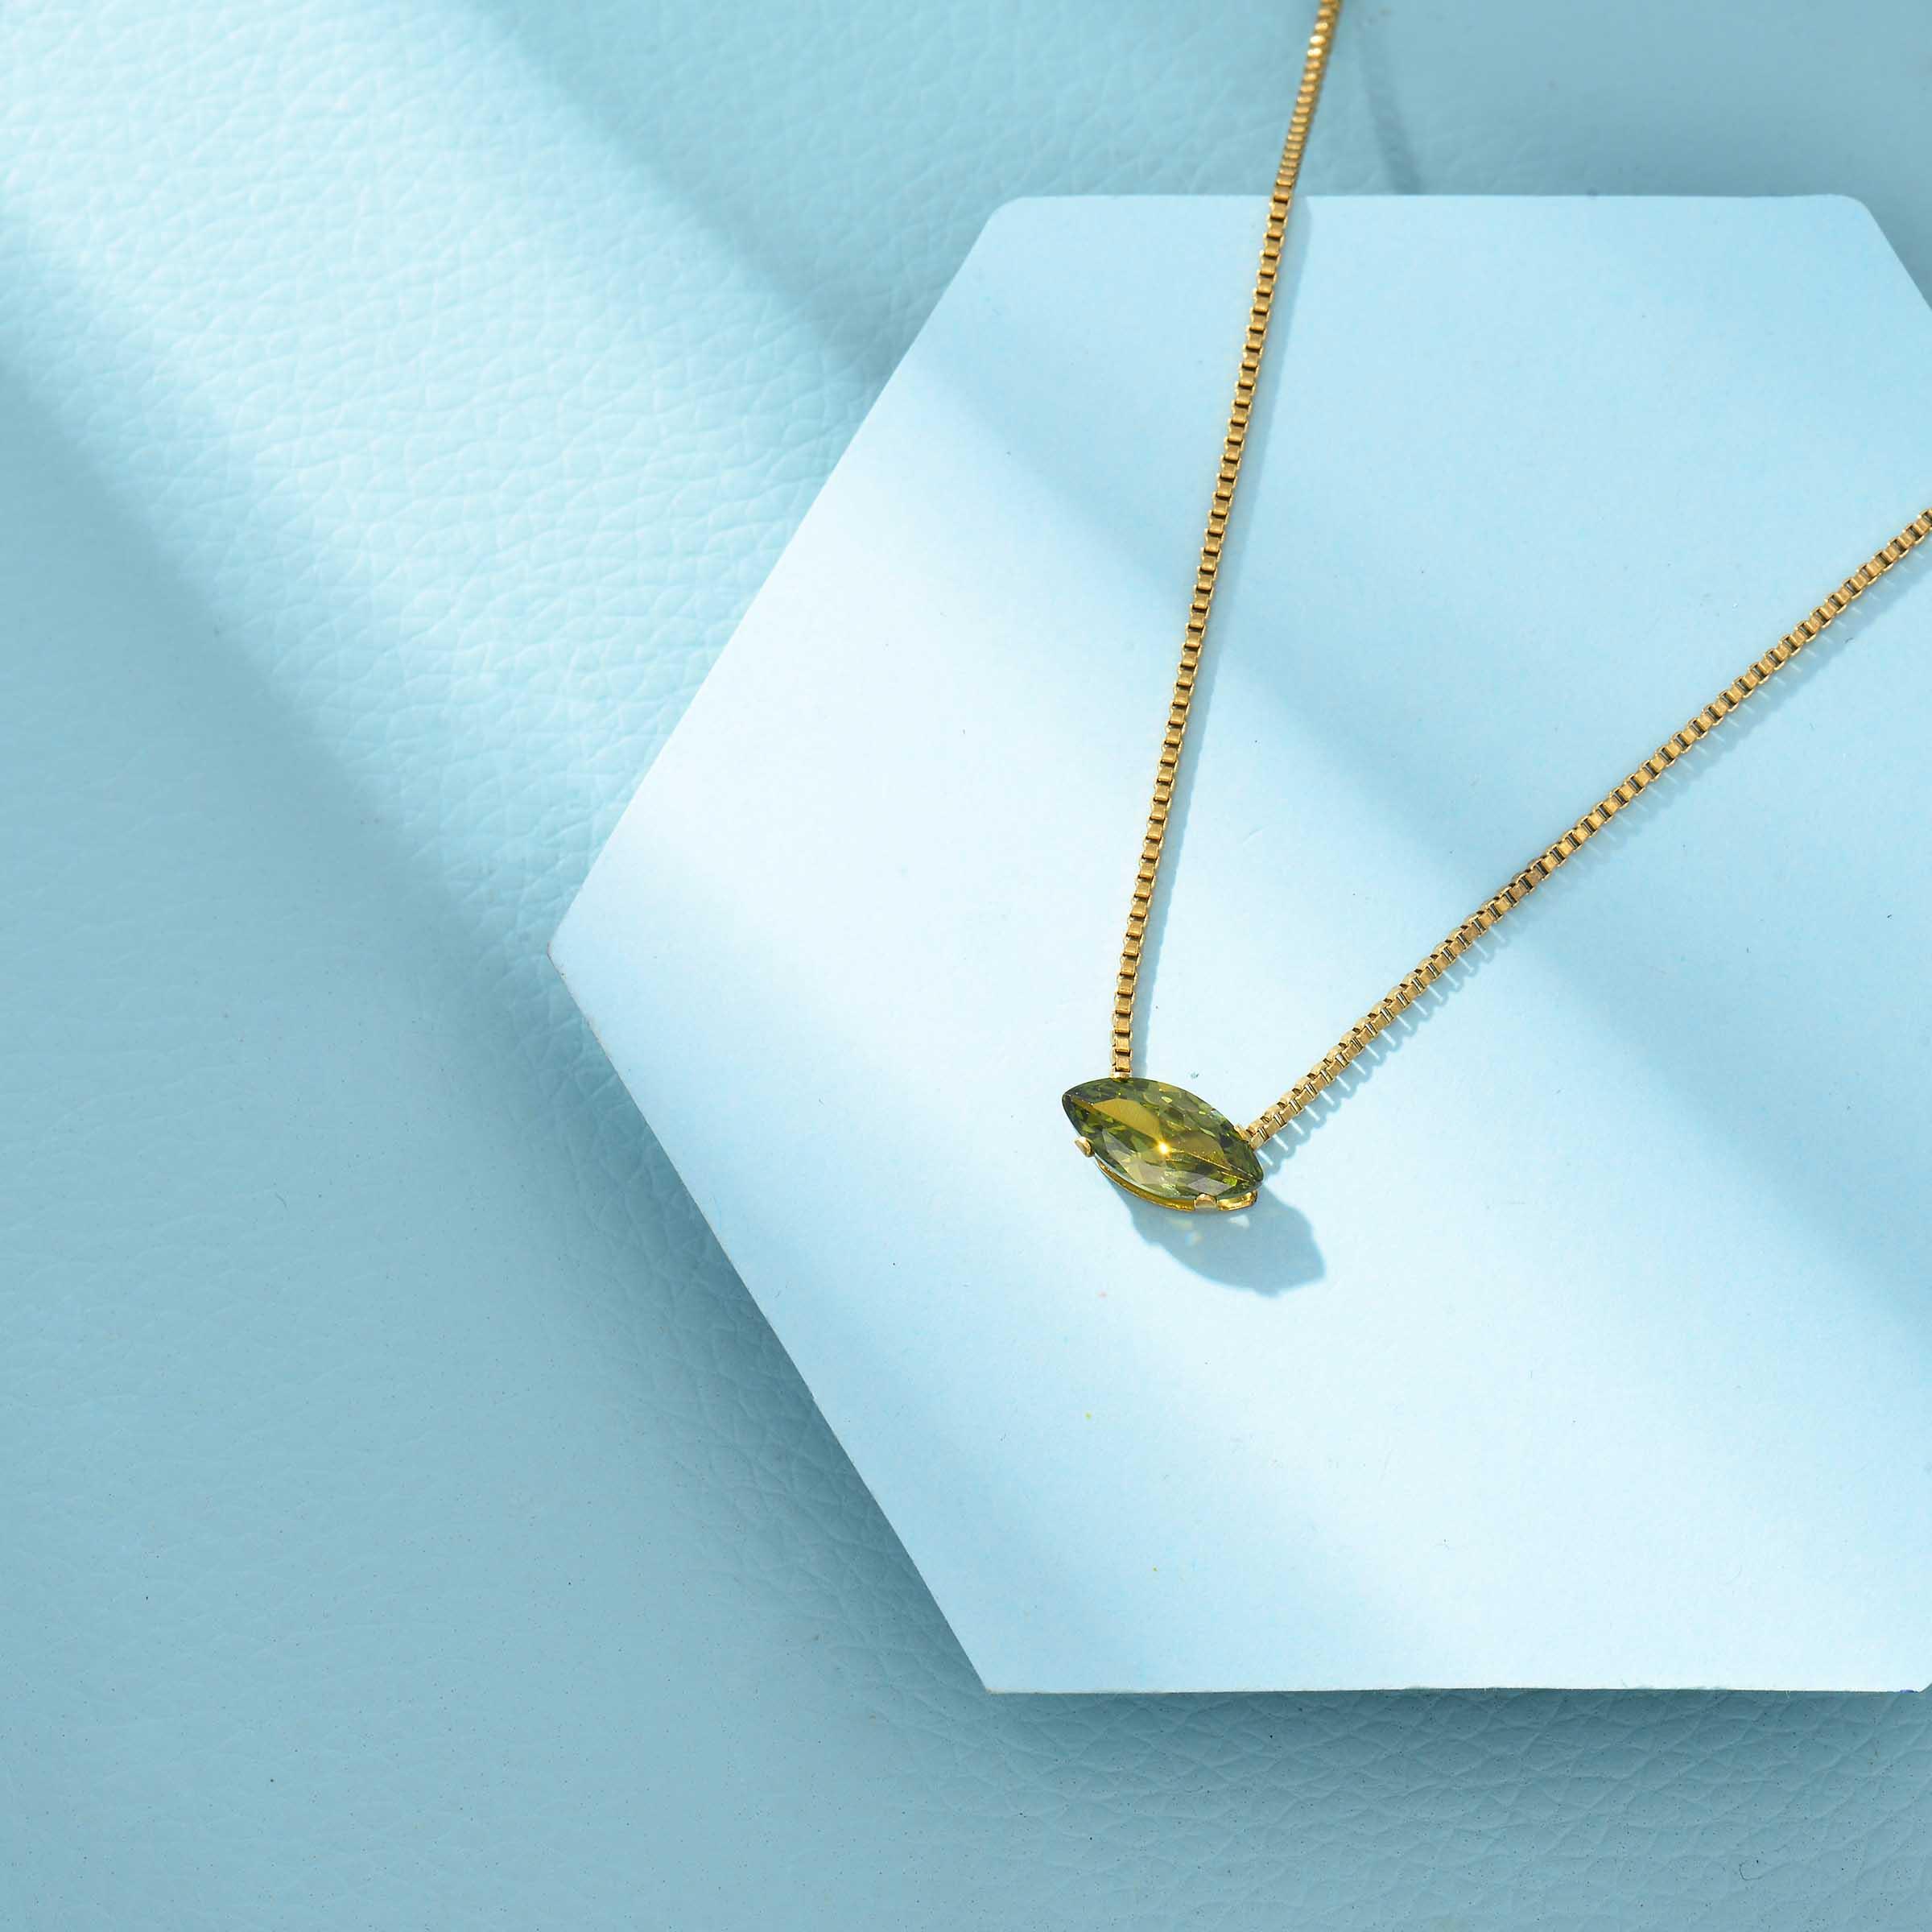 Collares de Acero Inoxidable para Mujer al por Mayor -SSNEG143-33859